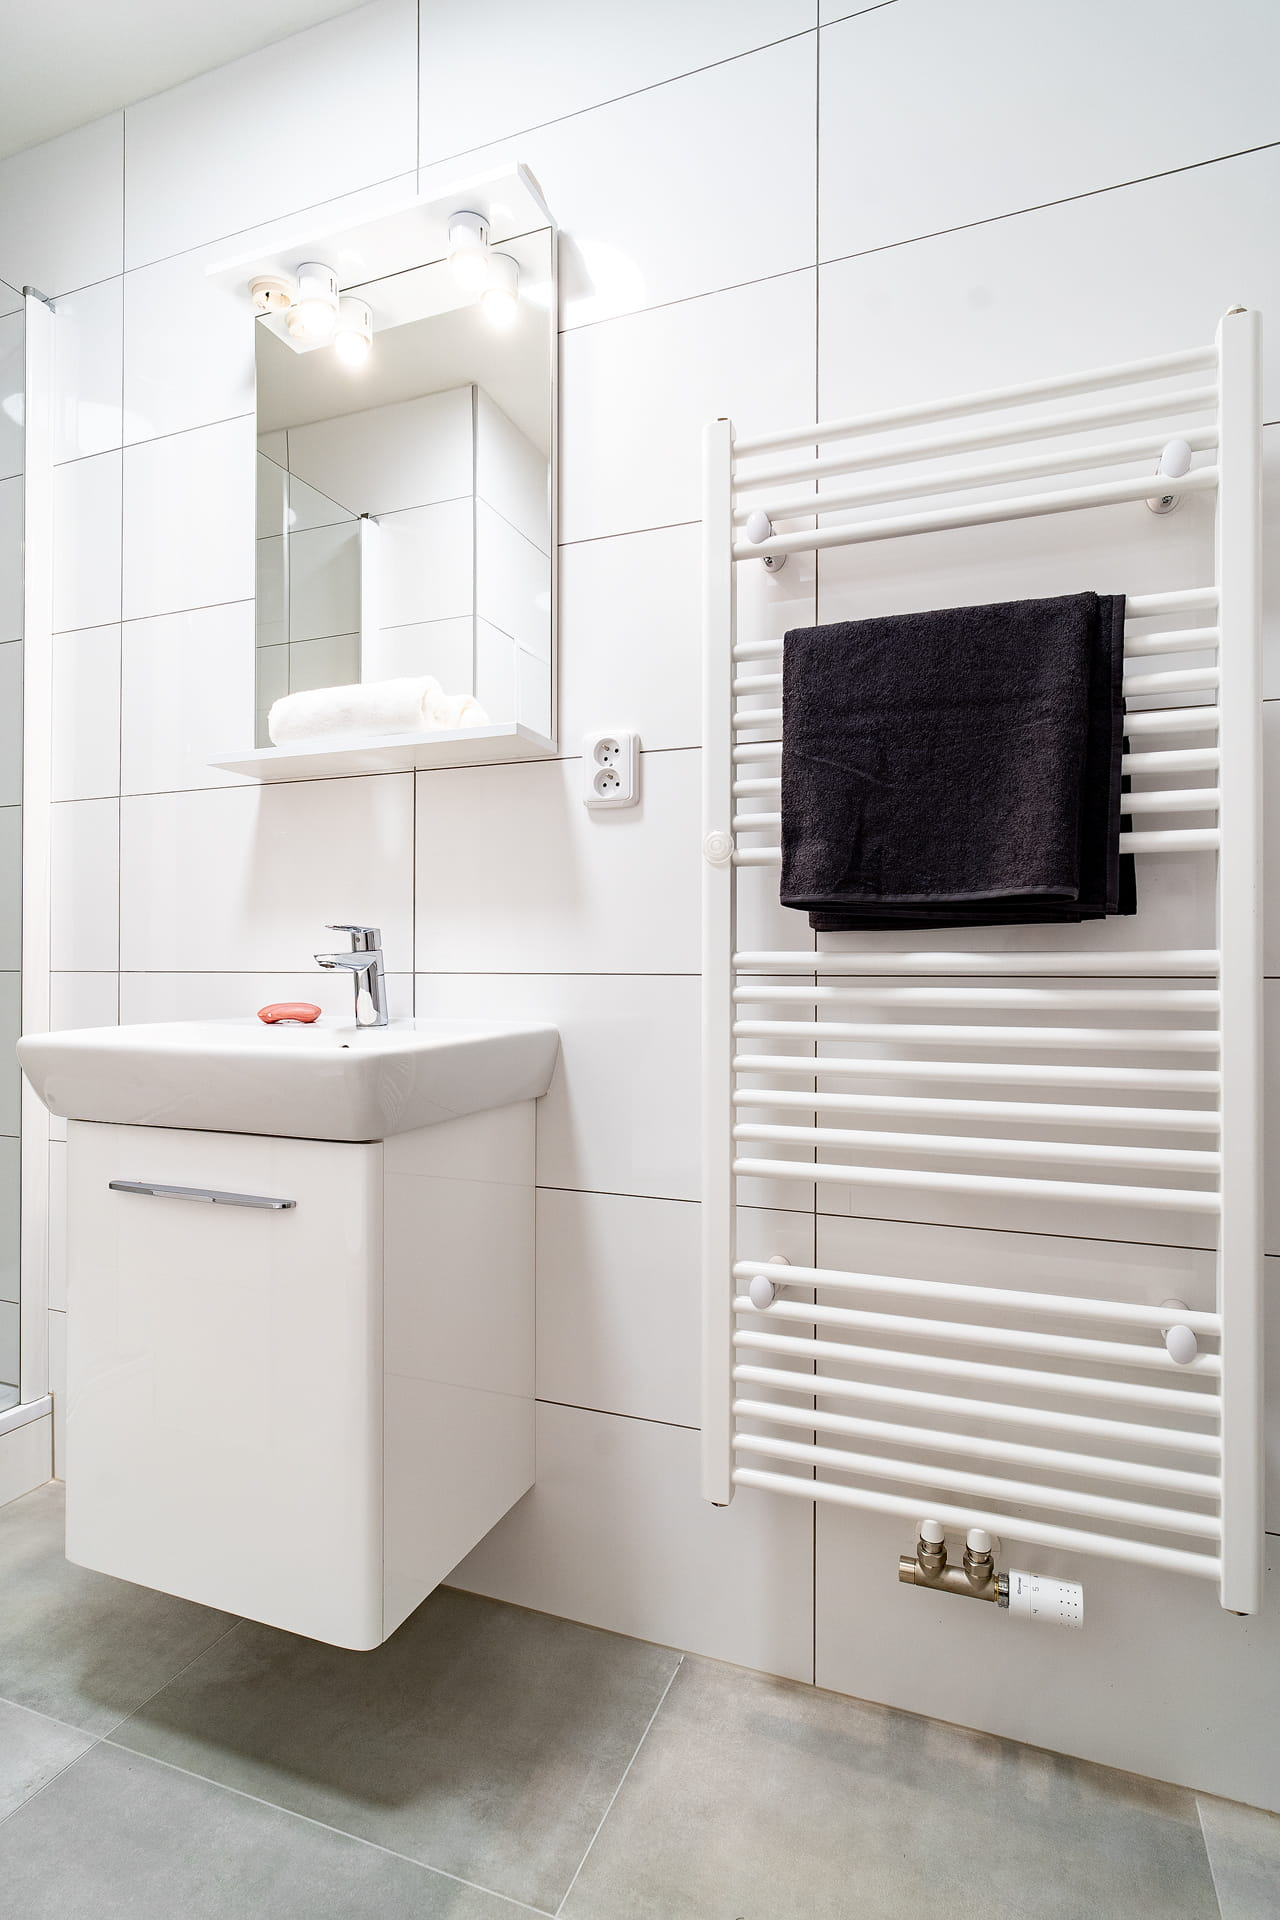 Bílé koupelny v bytovém domě 7